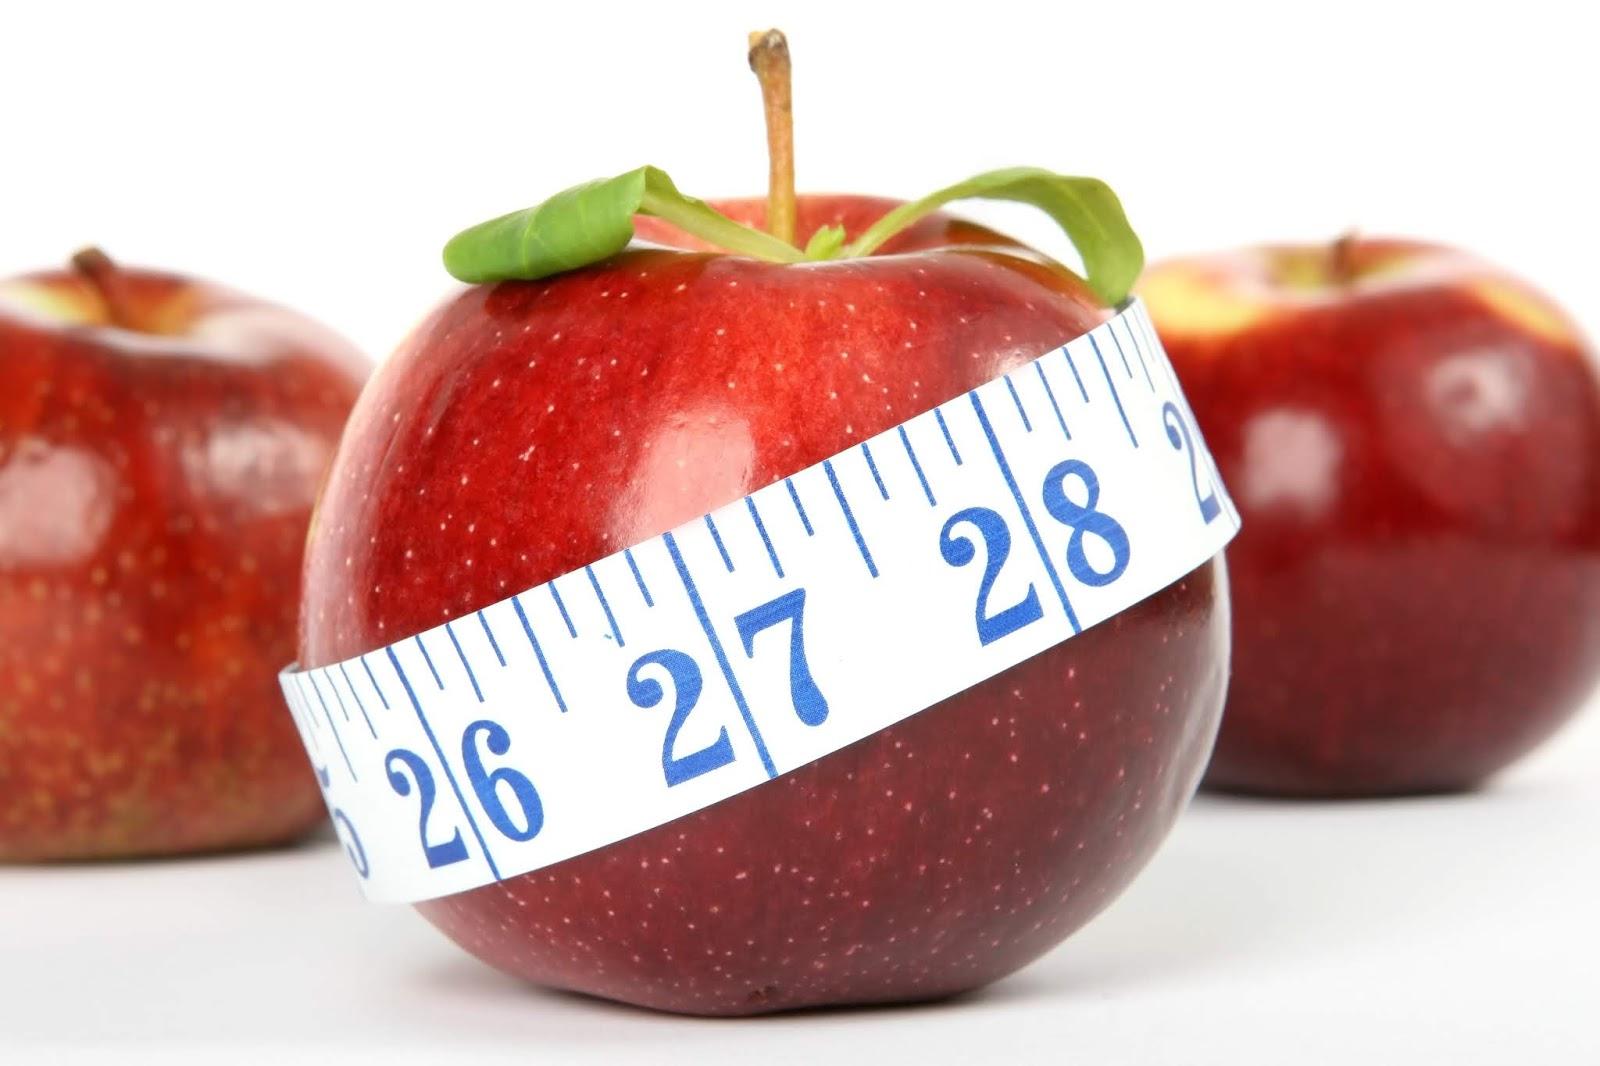 weight loss tips  इन आसान तरीको से घटाये अपना वजन